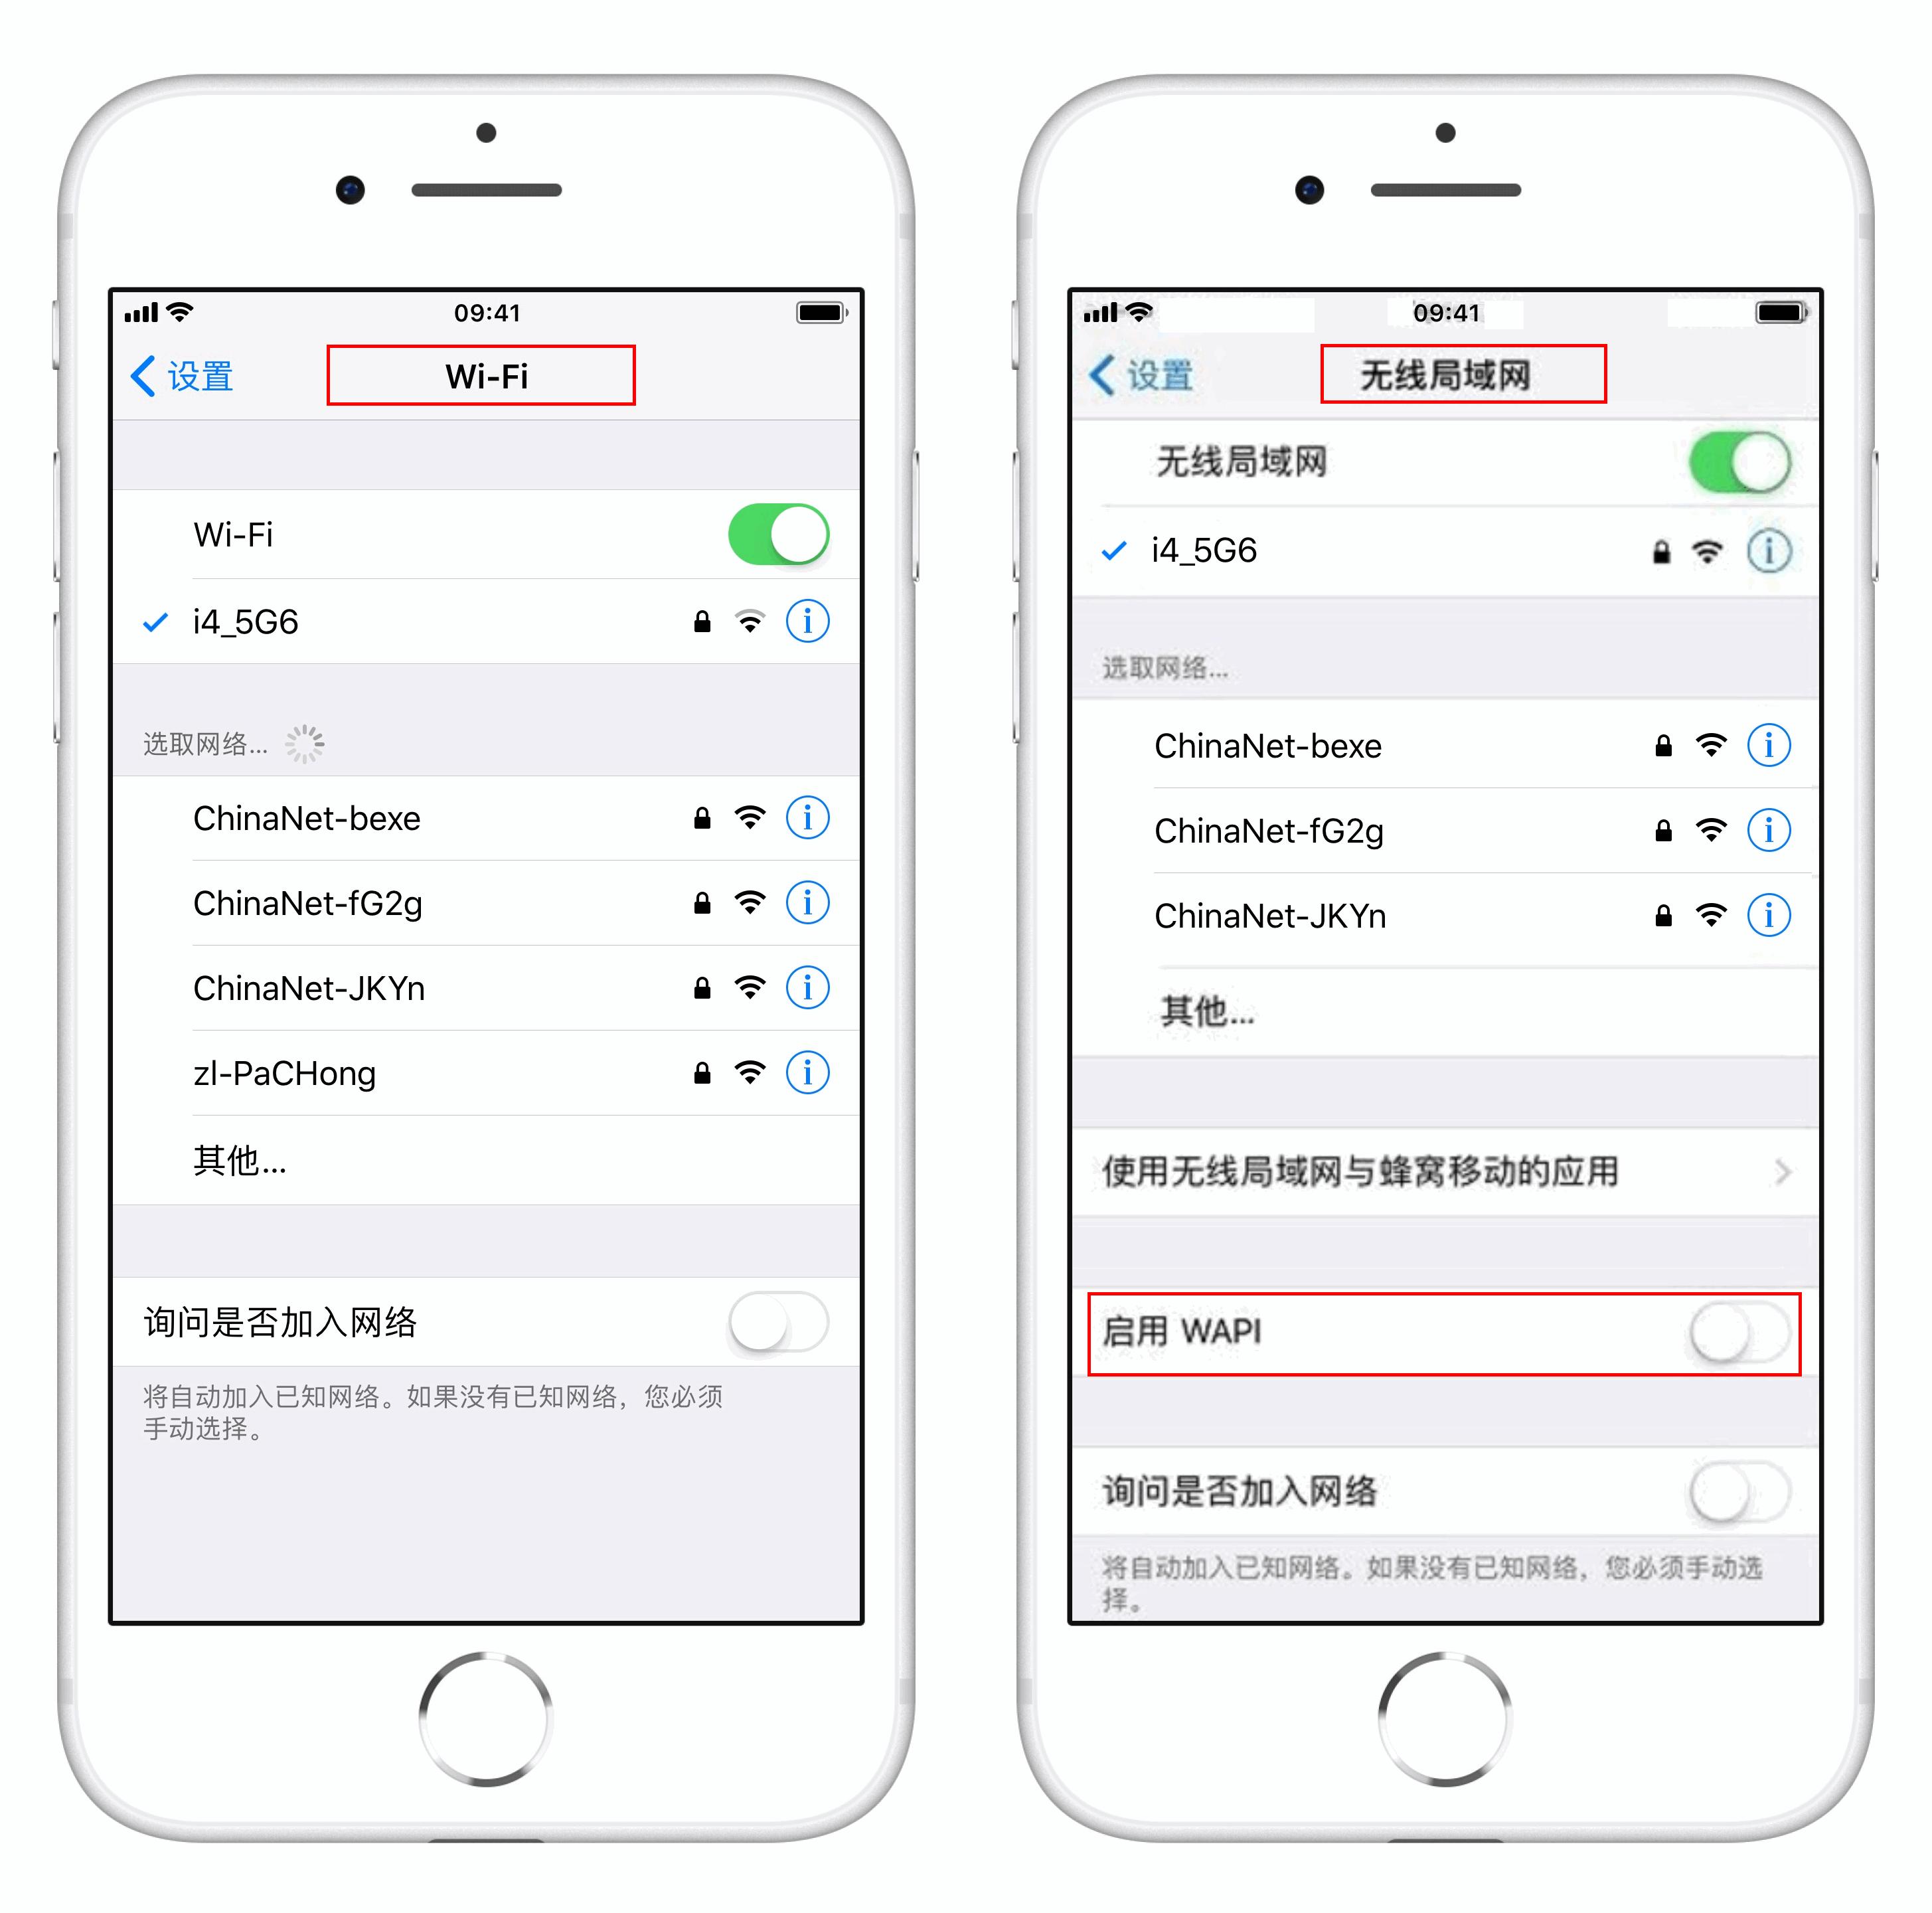 国行 iPhone 里的 WAPI 是什么,需要打开吗?